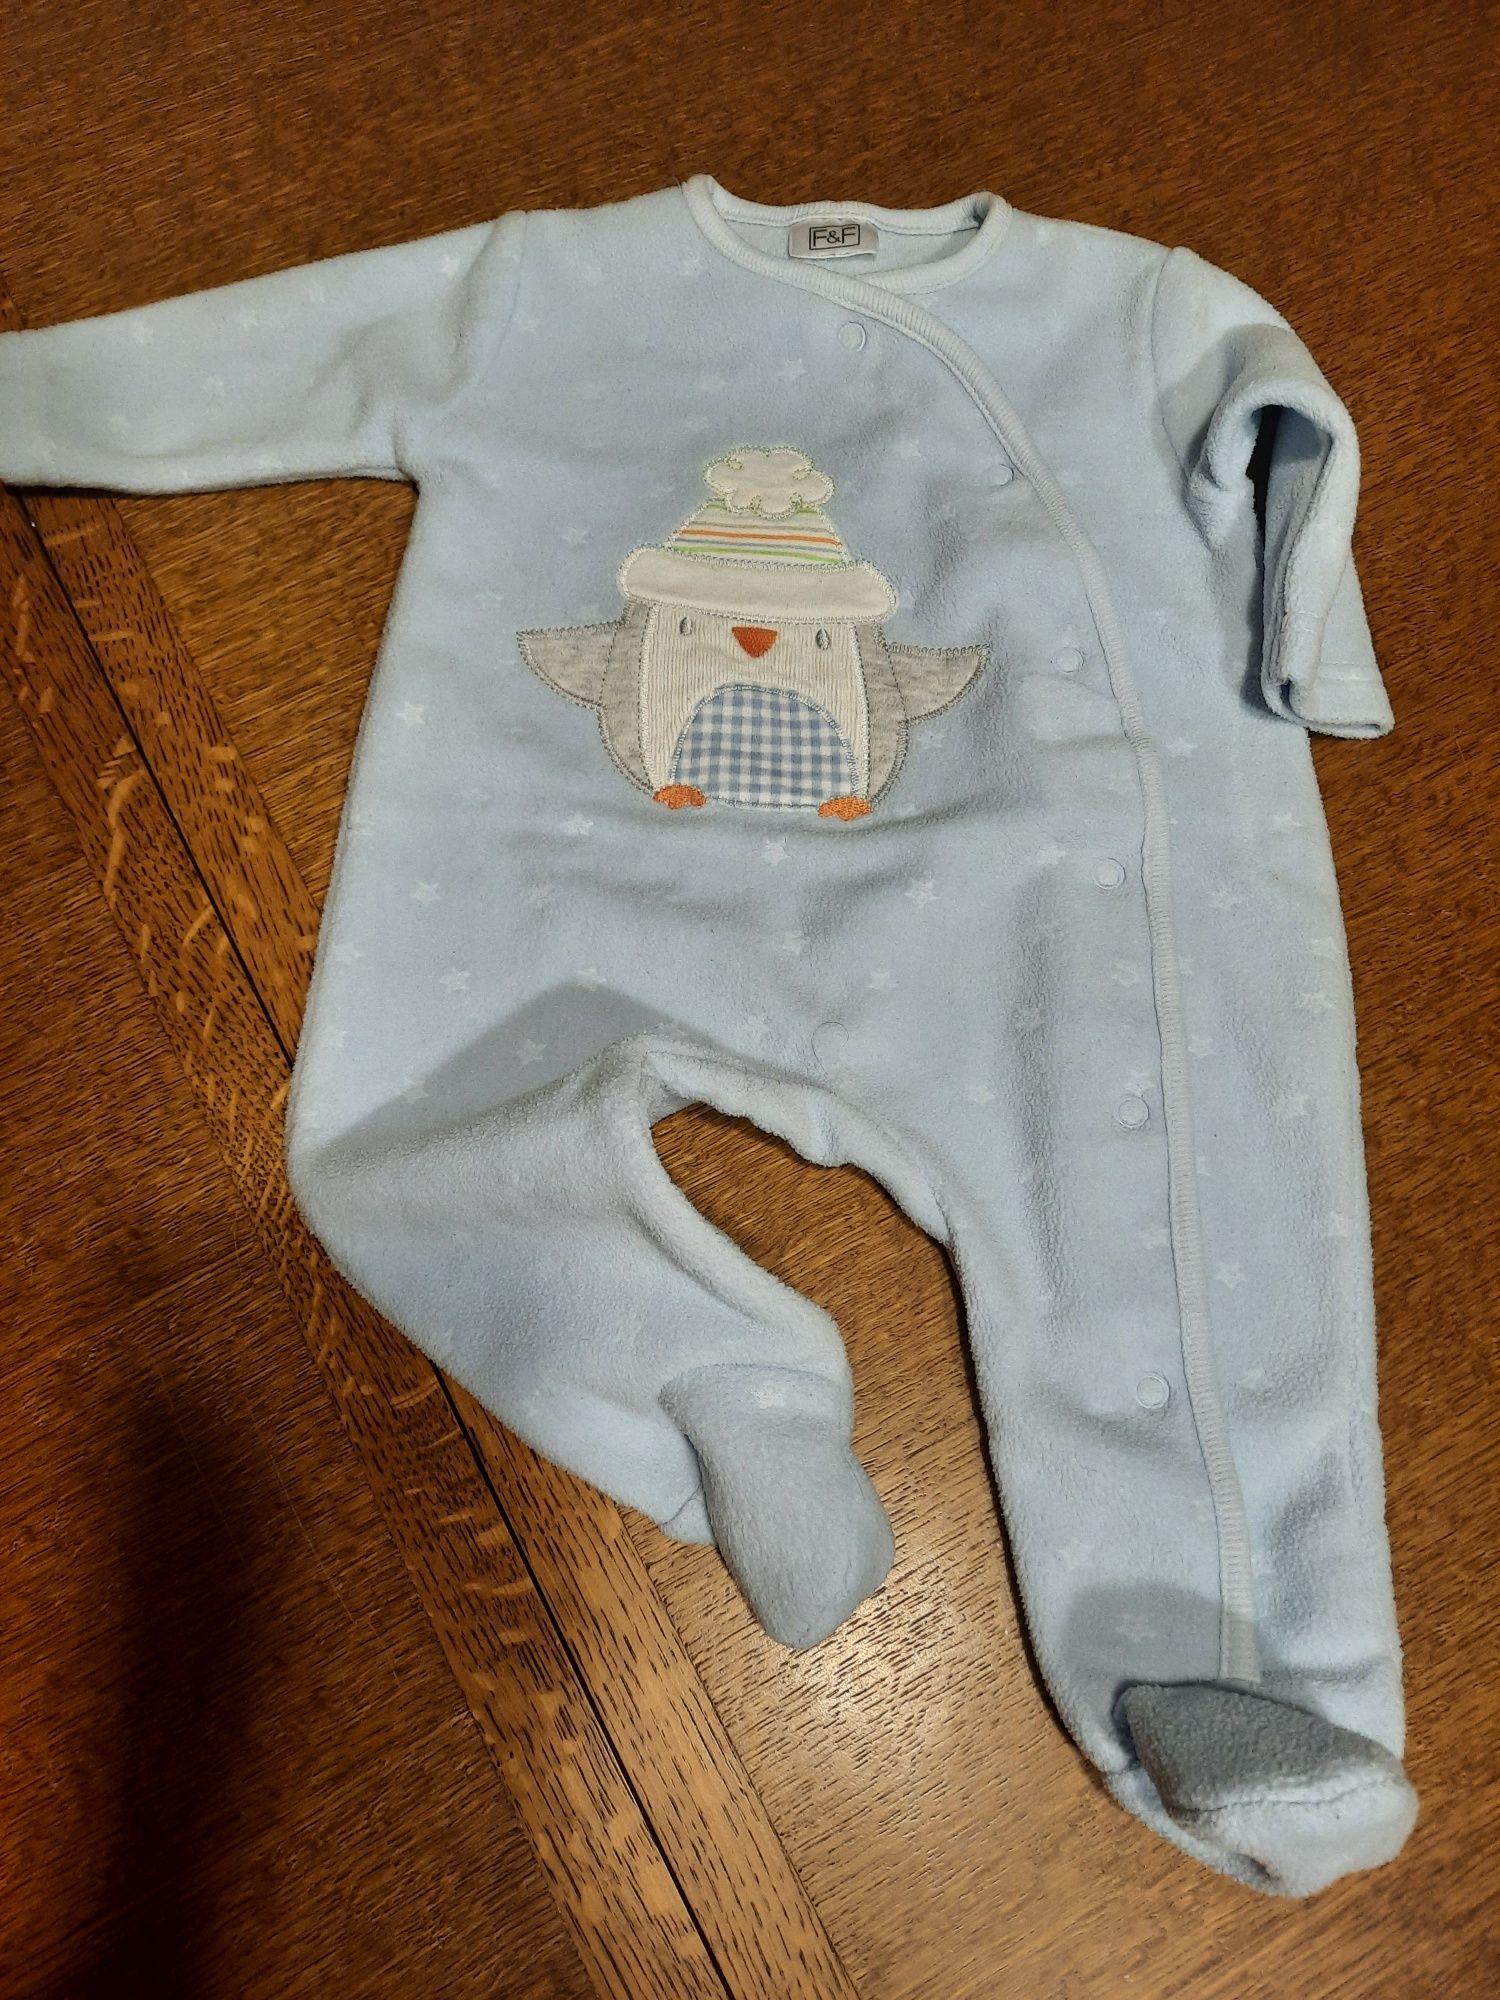 F&F pajac piżama j.nowy 0-3M r. 56-62 GRYZAK GRATIS